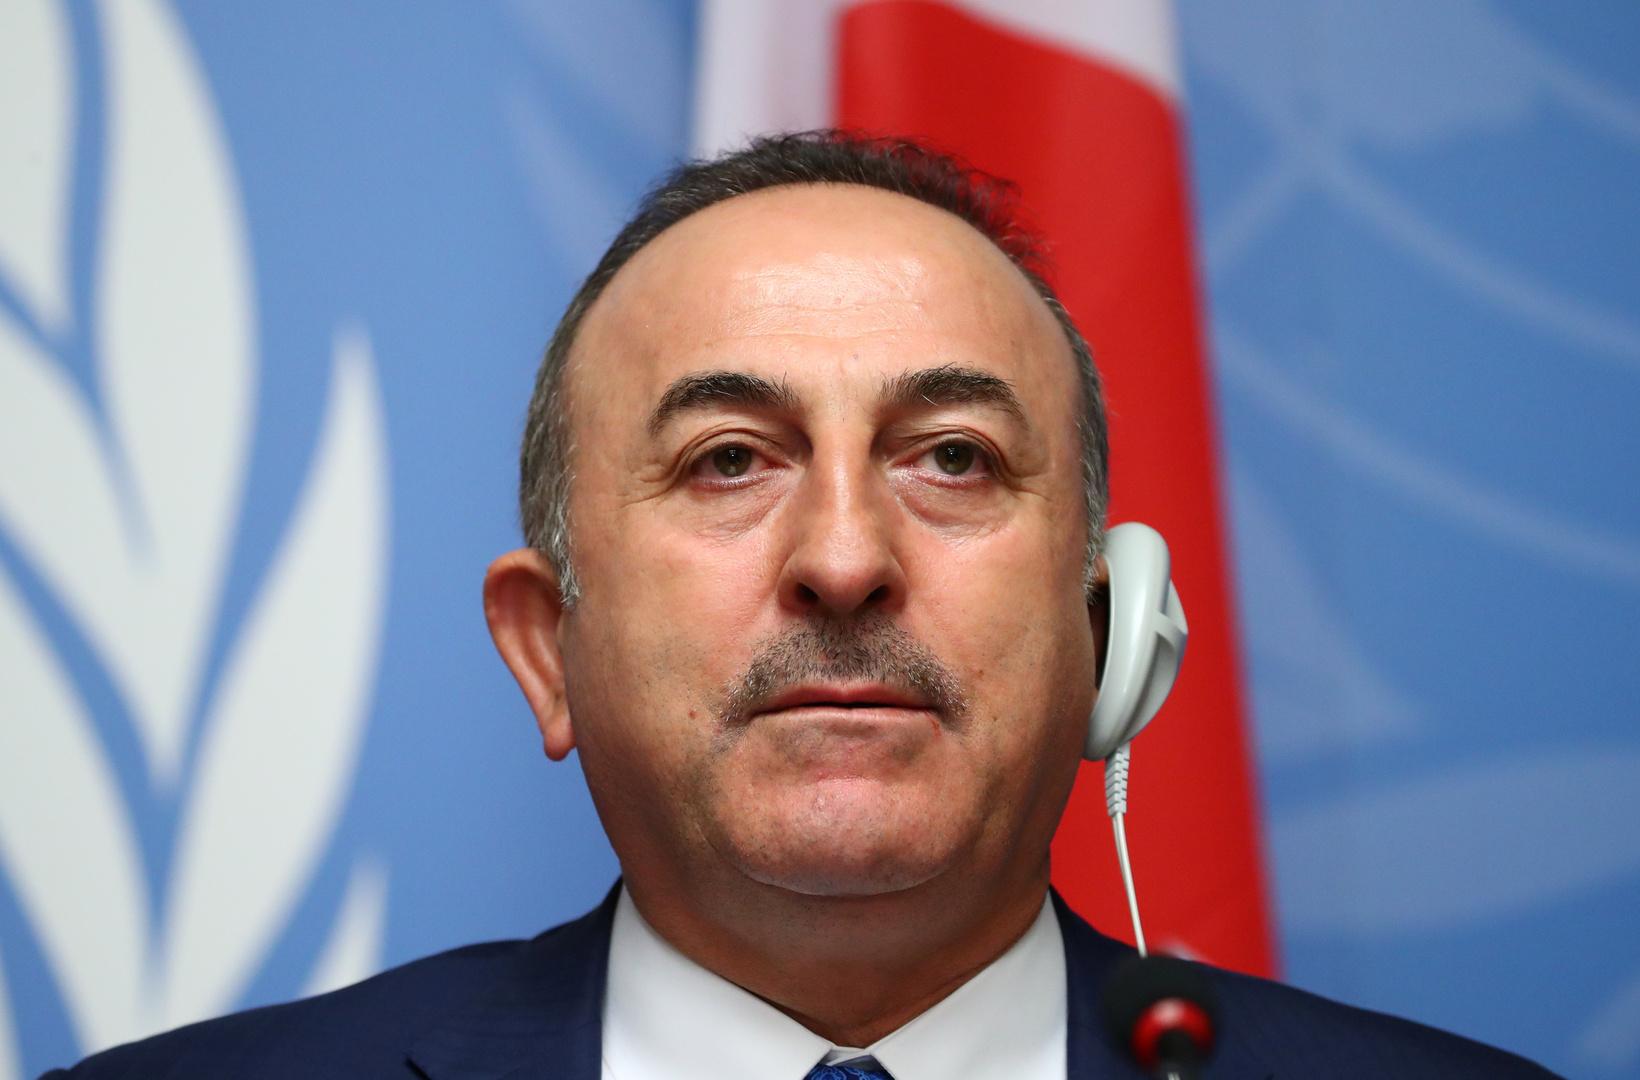 تركيا تعلق على مطالبة قادة الجيش الأرمني باستقالة باشينيان